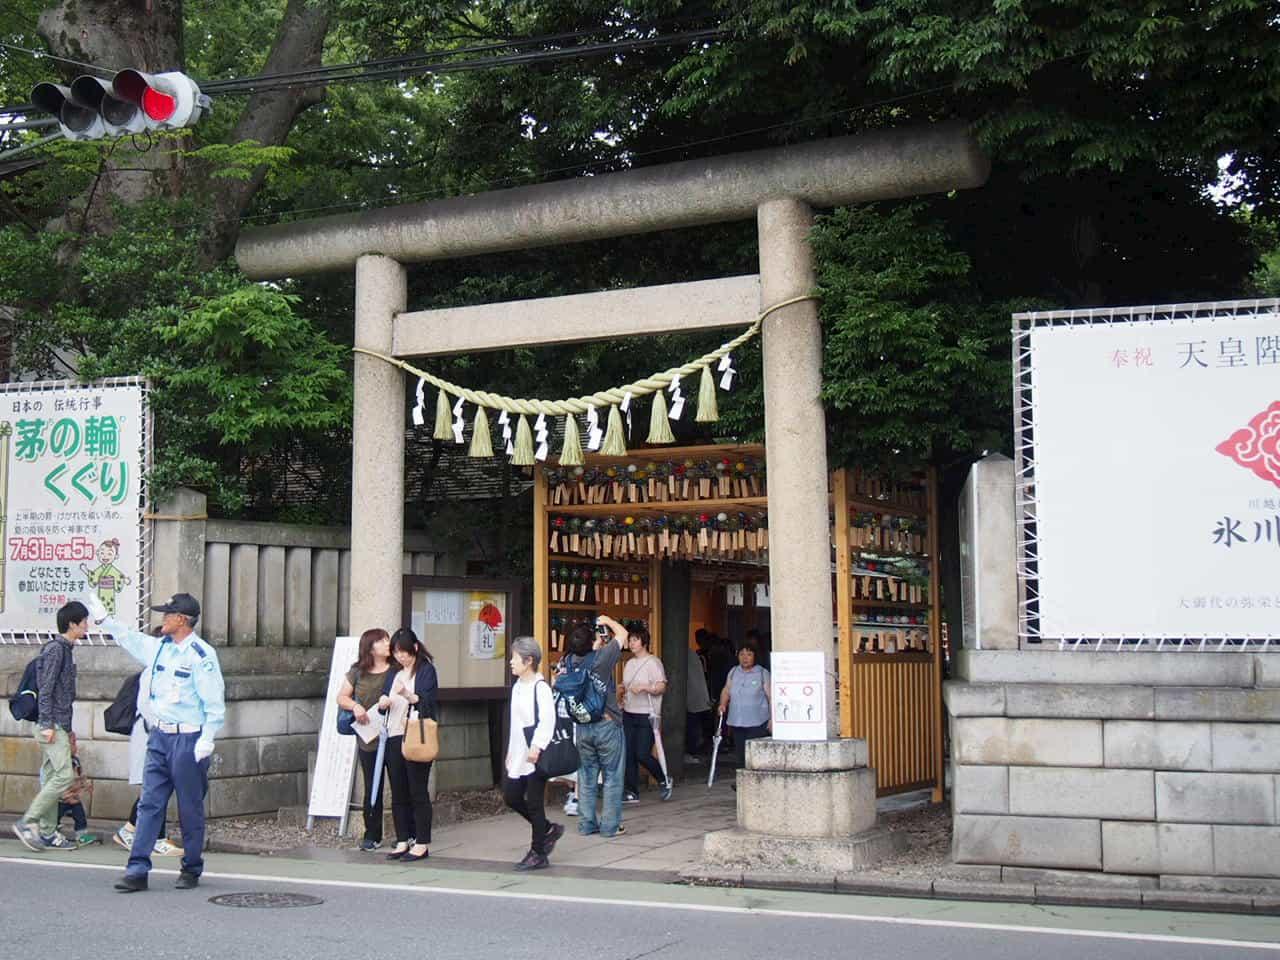 「縁むすび風鈴」期間中の神社の入り口